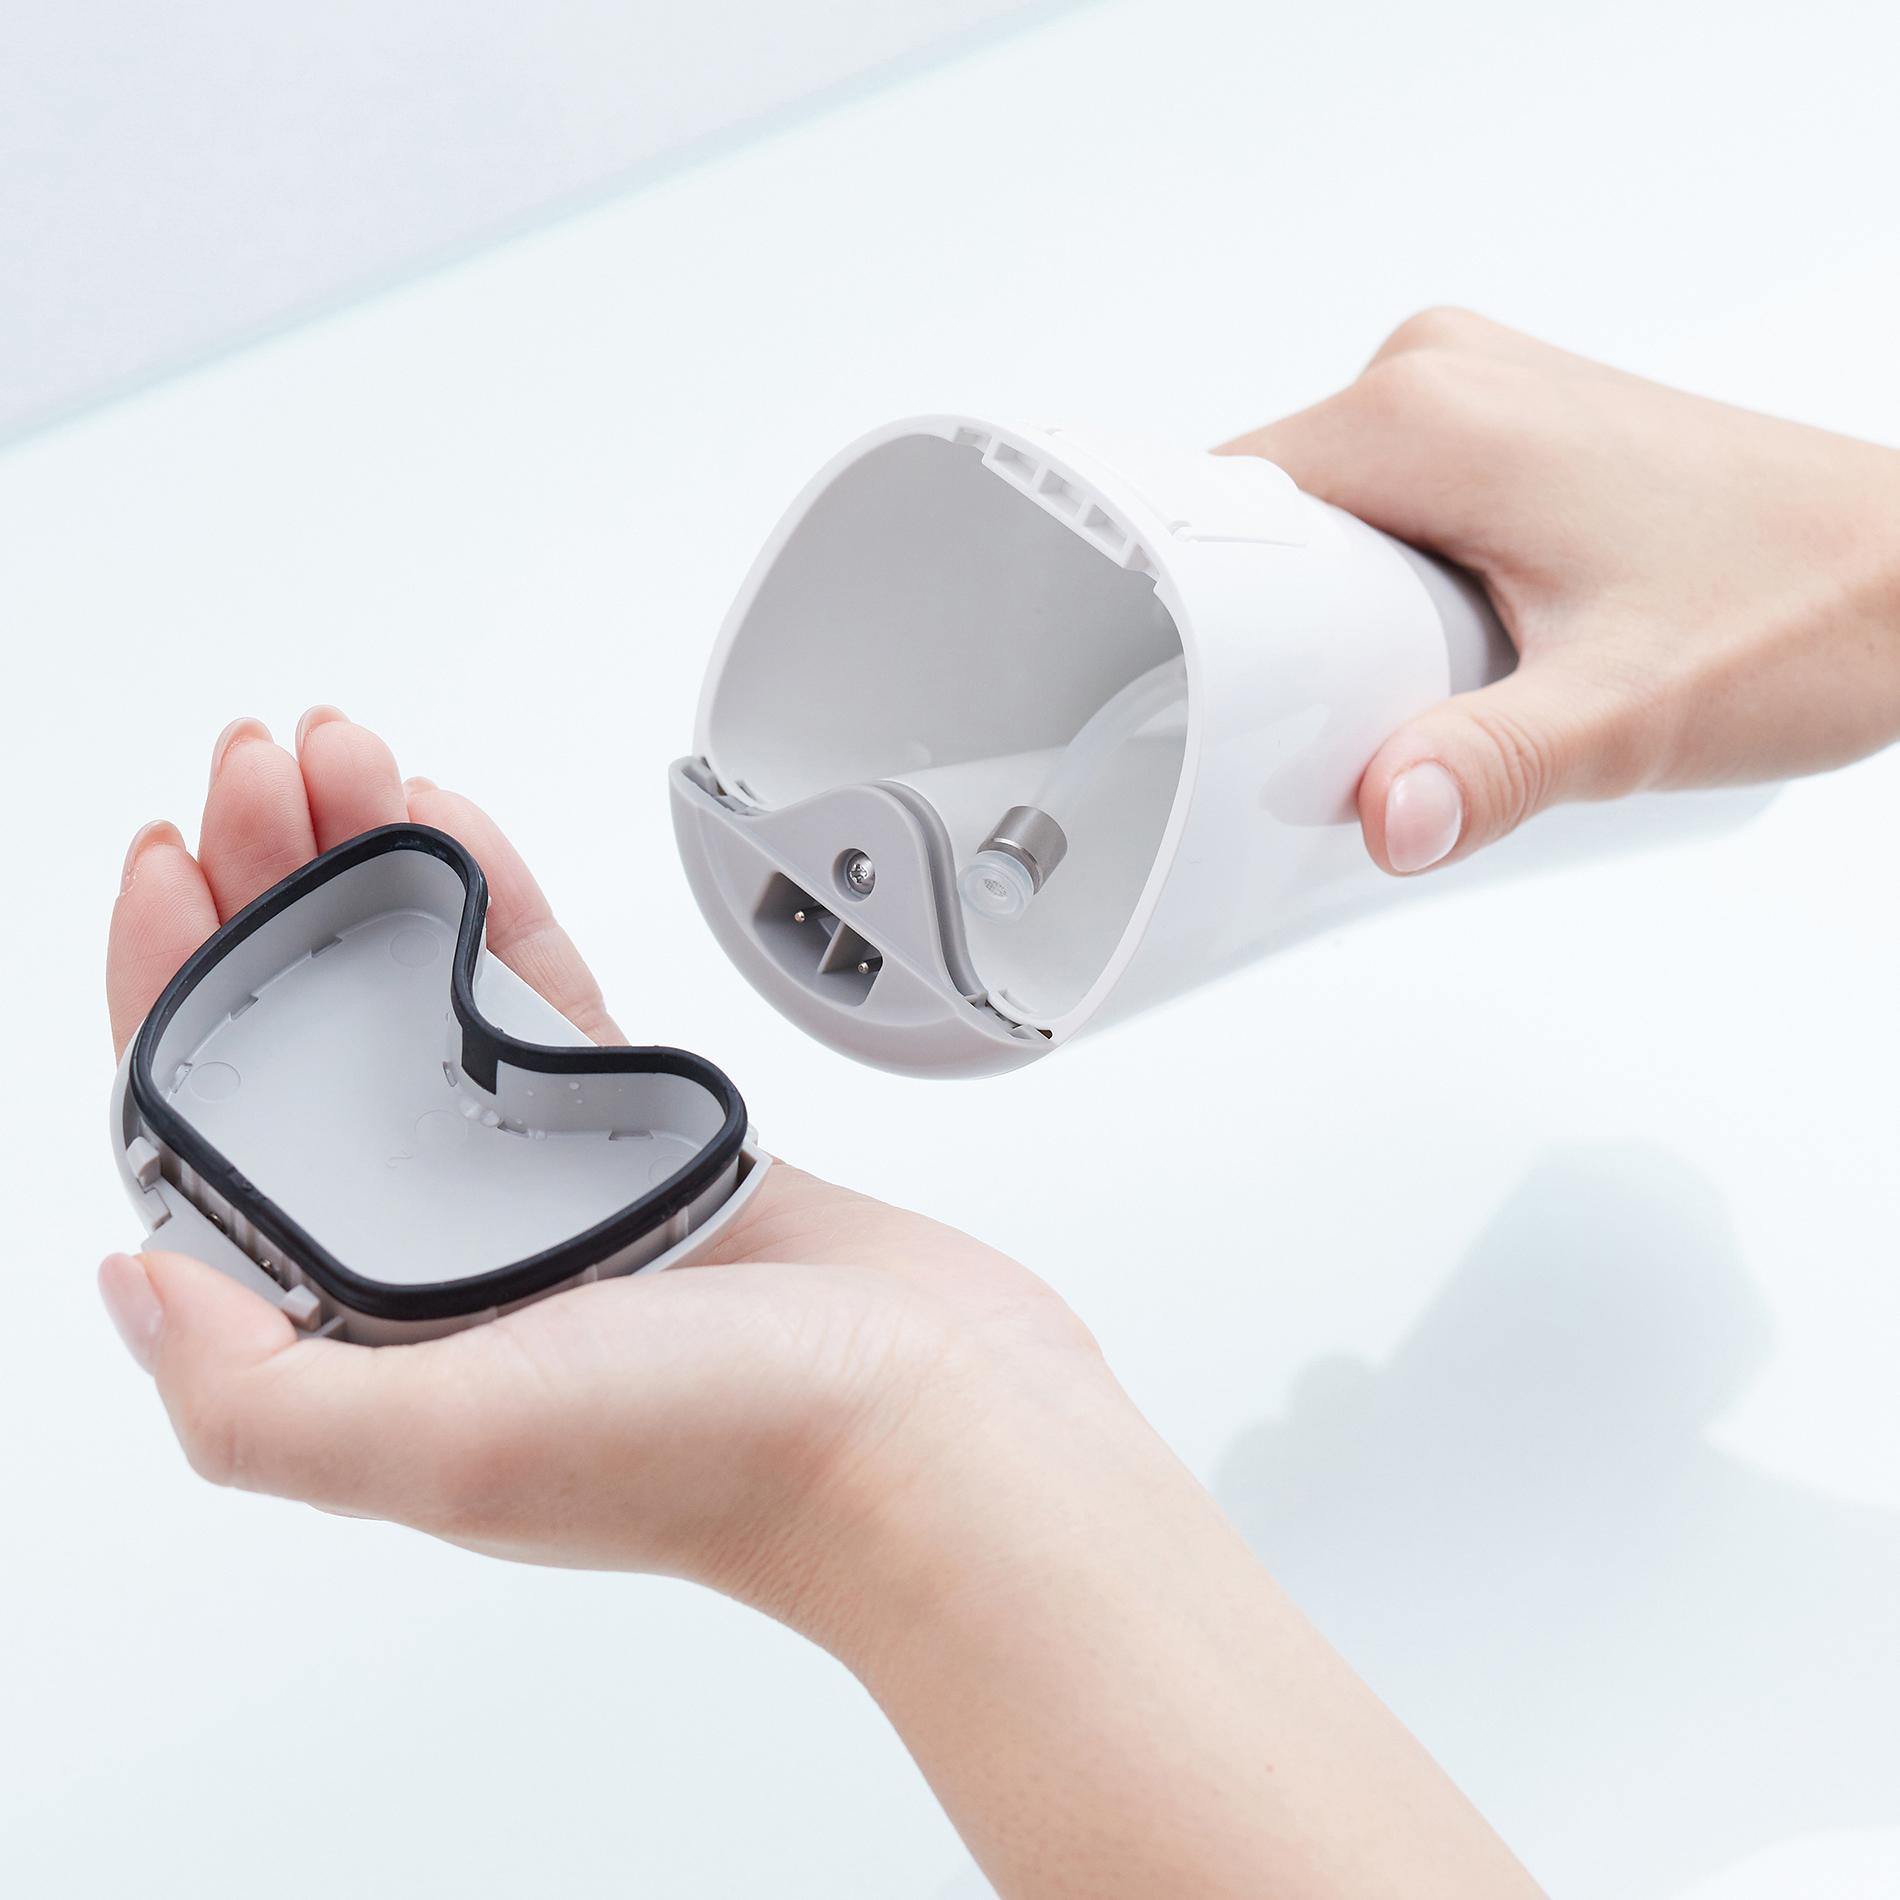 Máy tăm nước cầm tay Panasonic công nghệ siêu âm EW1511 - Hàng Chính Hãng